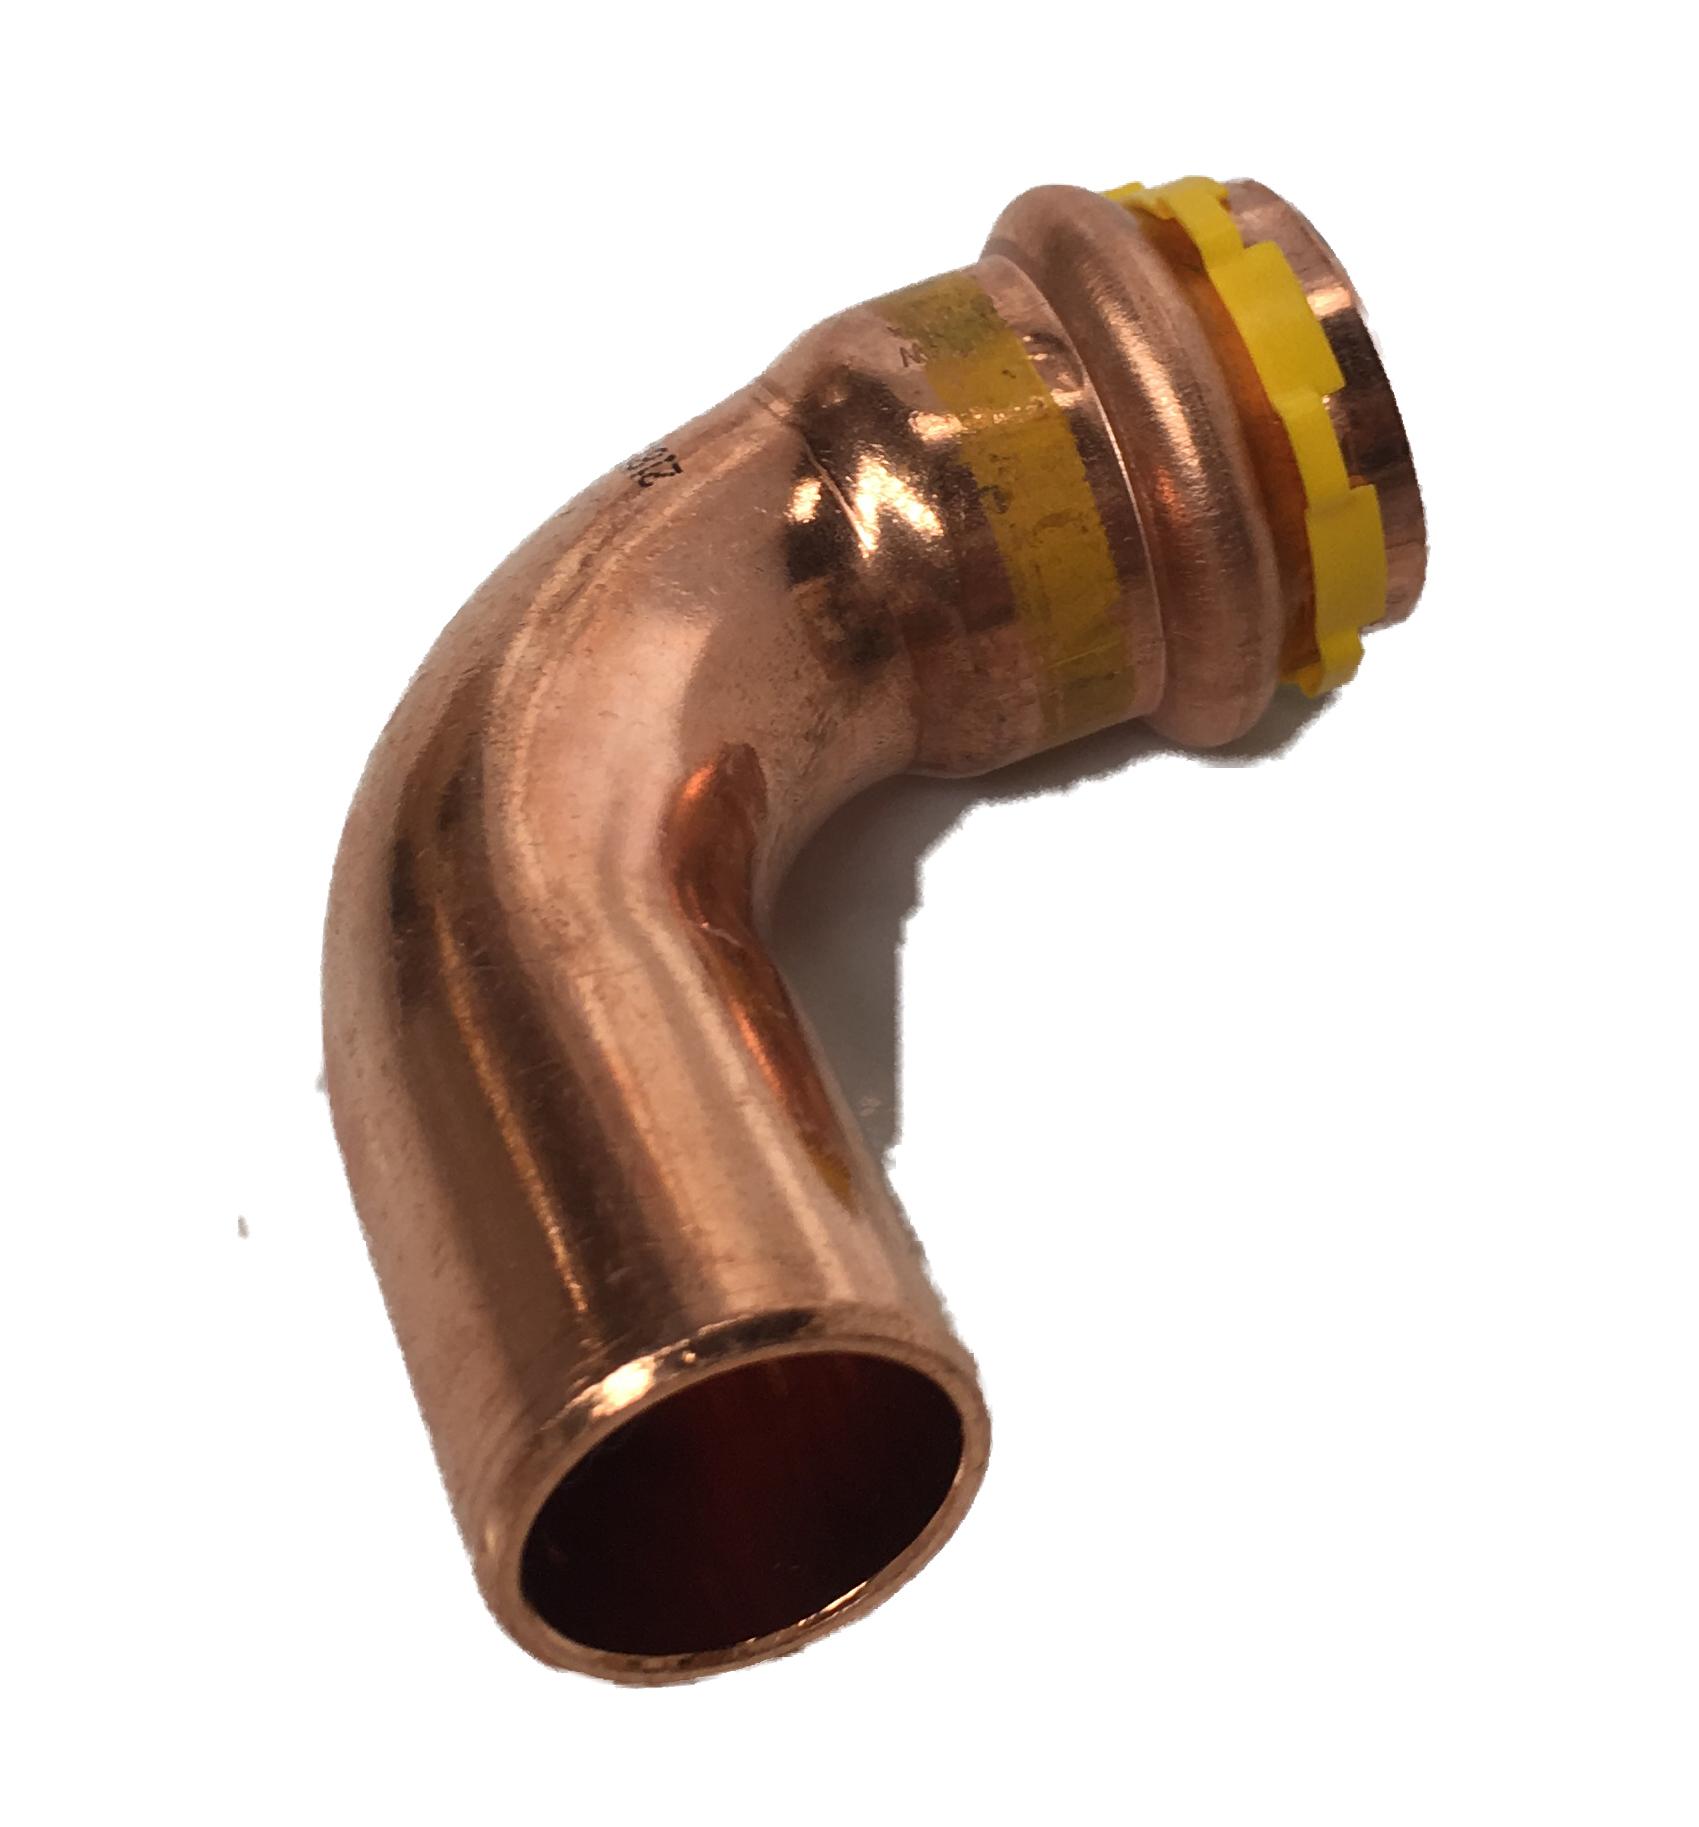 Copper Sudopress Press Bend for GAS 22x22 V-profile